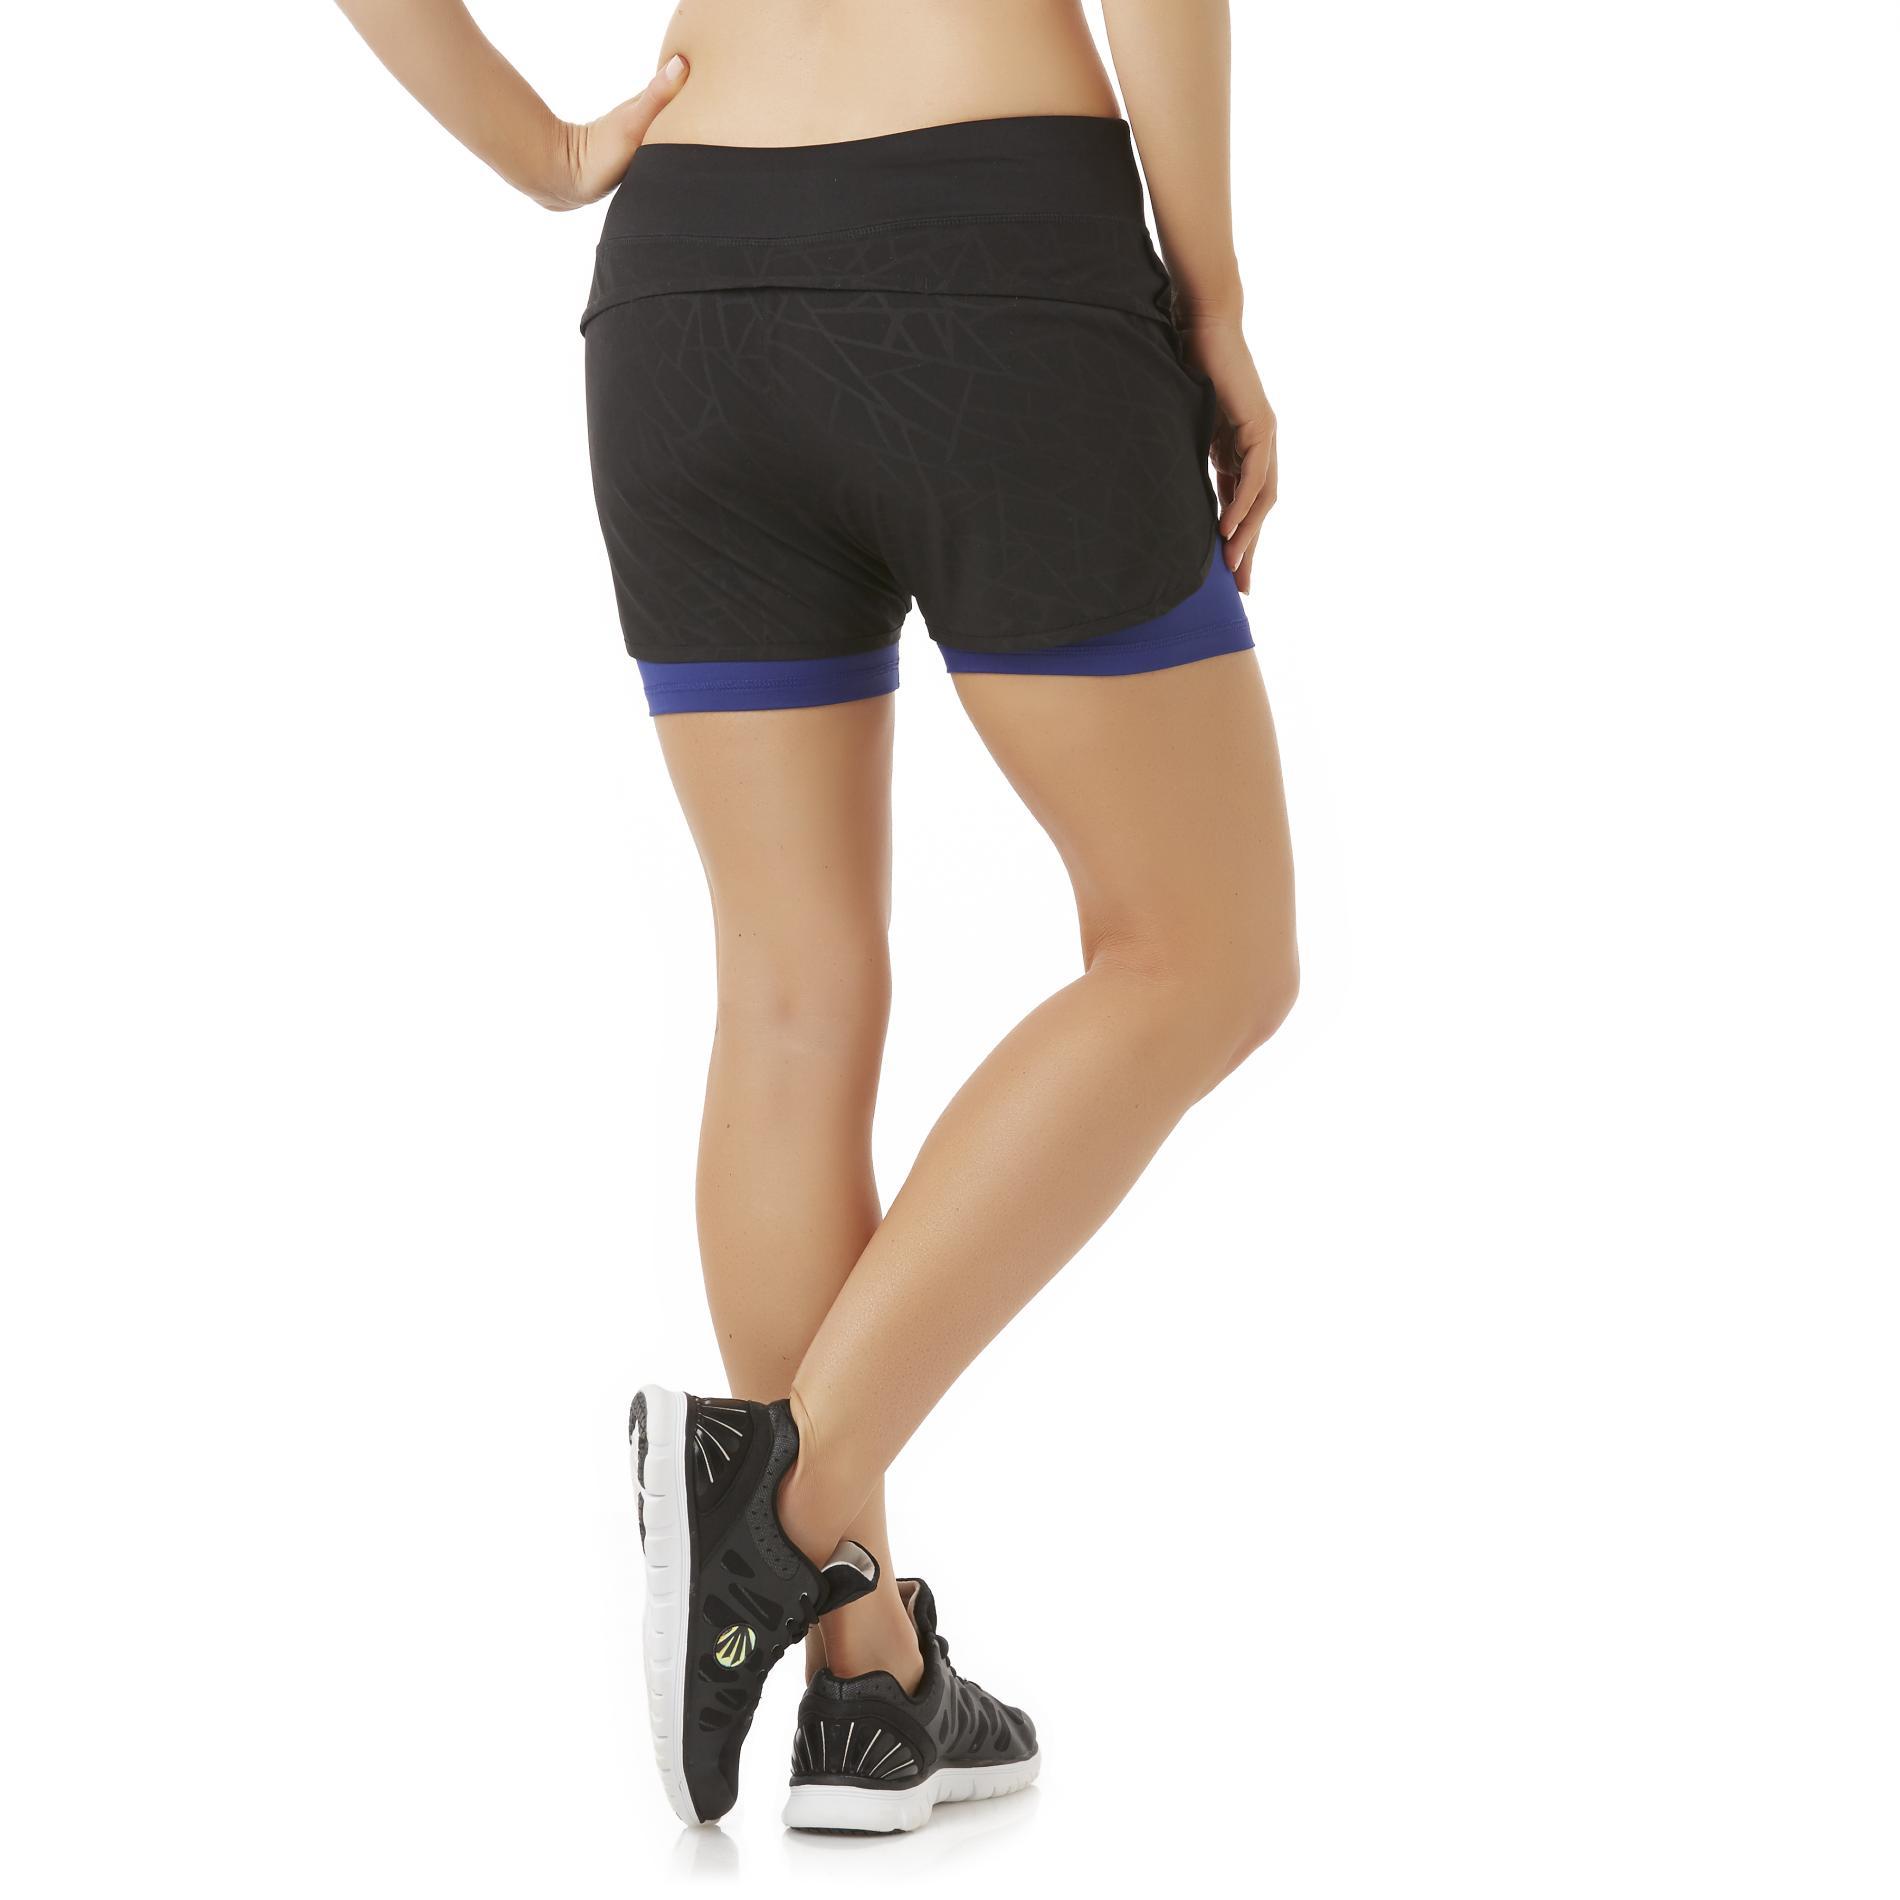 Impact by Jillian Michaels Women's 2-in-1 Running Shorts - Geometric